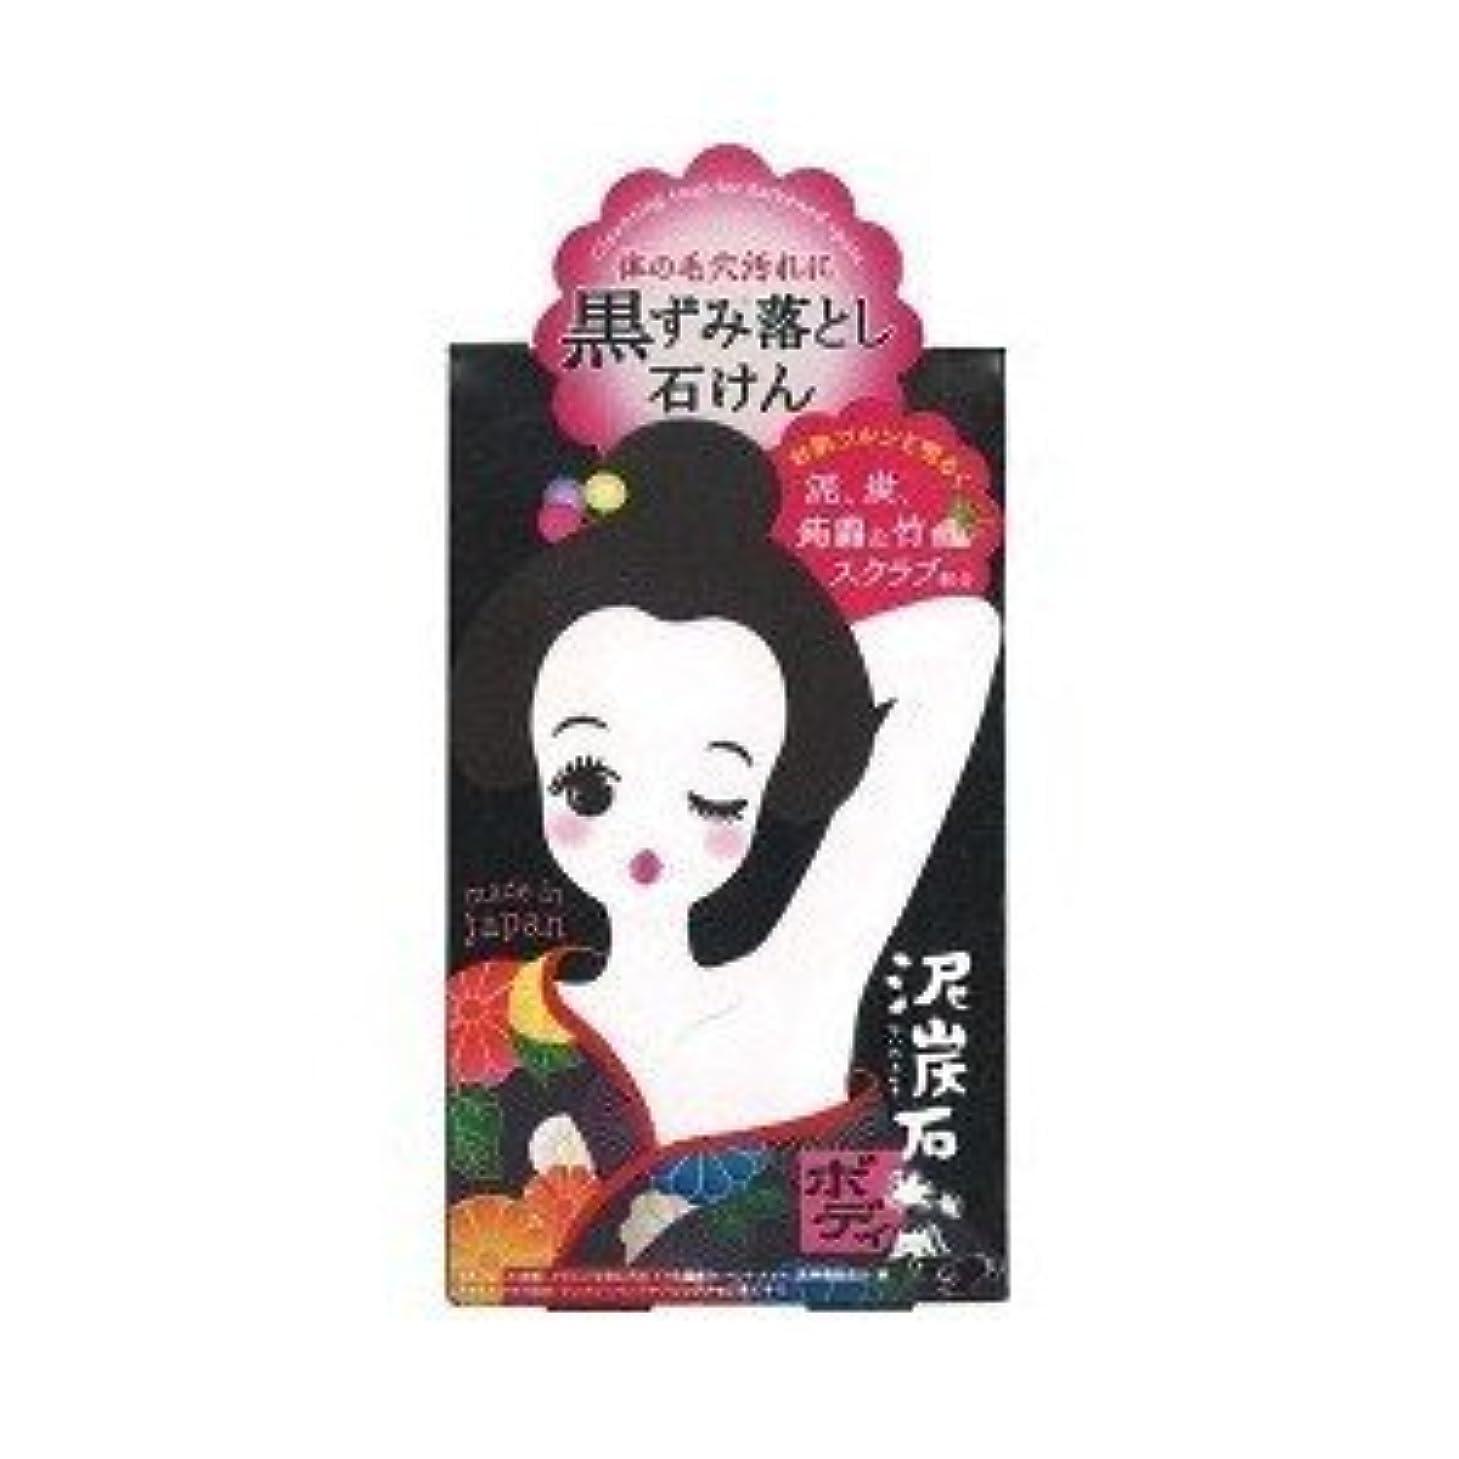 謎見物人乙女(ペリカン石鹸)ペリカン 泥炭石 ボディスクラブ石鹸 100g